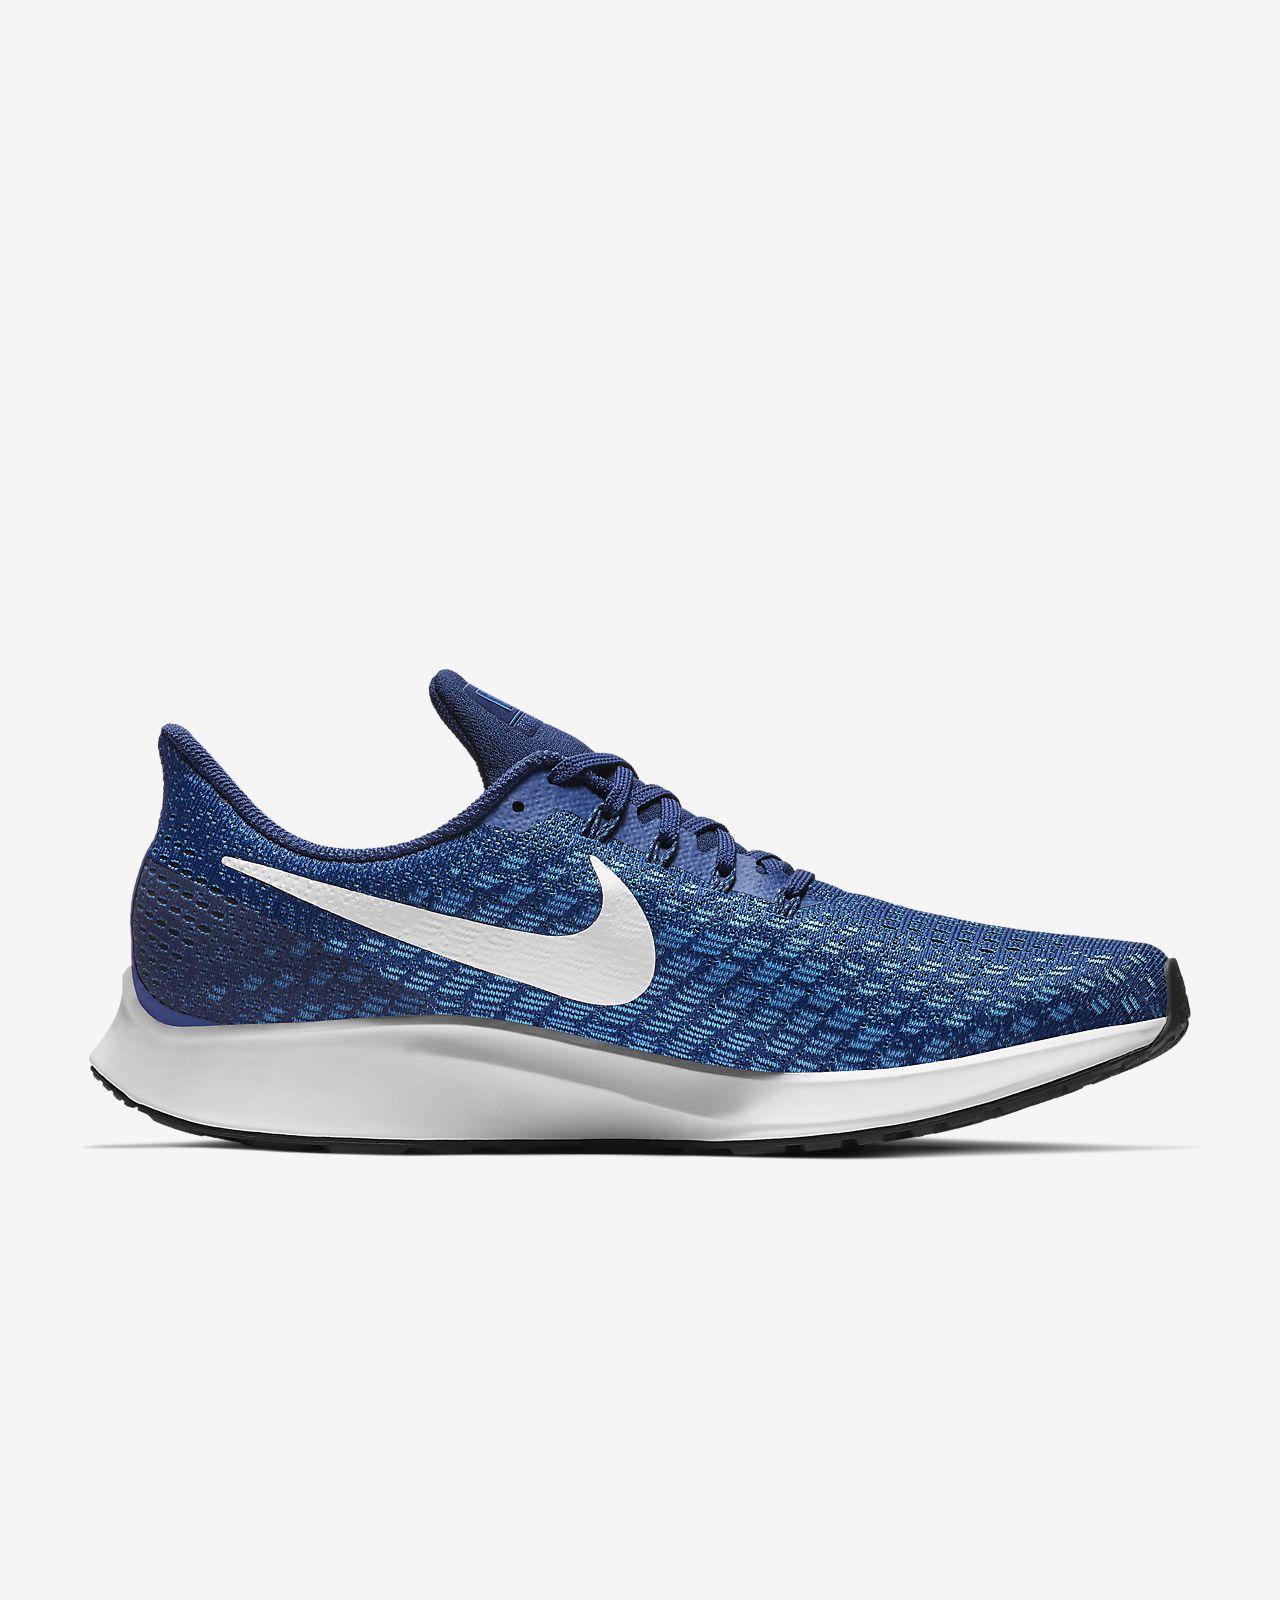 huge selection of 8b214 6c389 ... Męskie buty do biegania Nike Air Zoom Pegasus 35